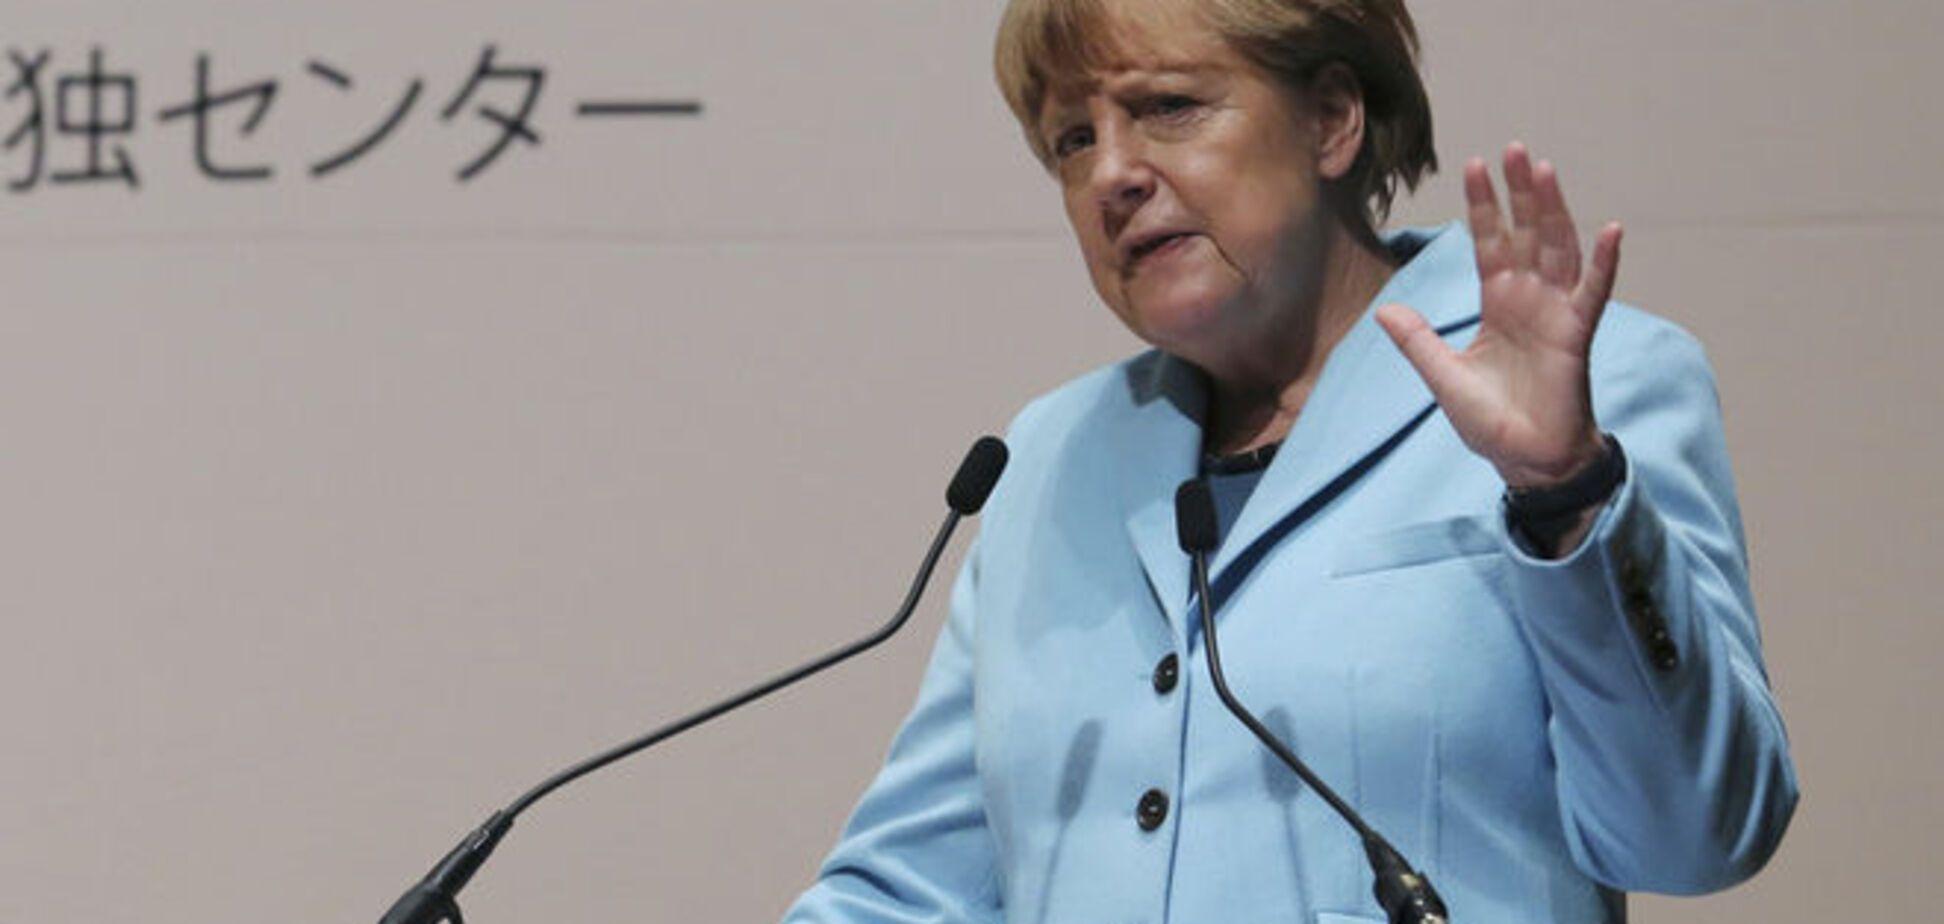 Меркель: санкции мы не снимем, но готовы говорить с Россией